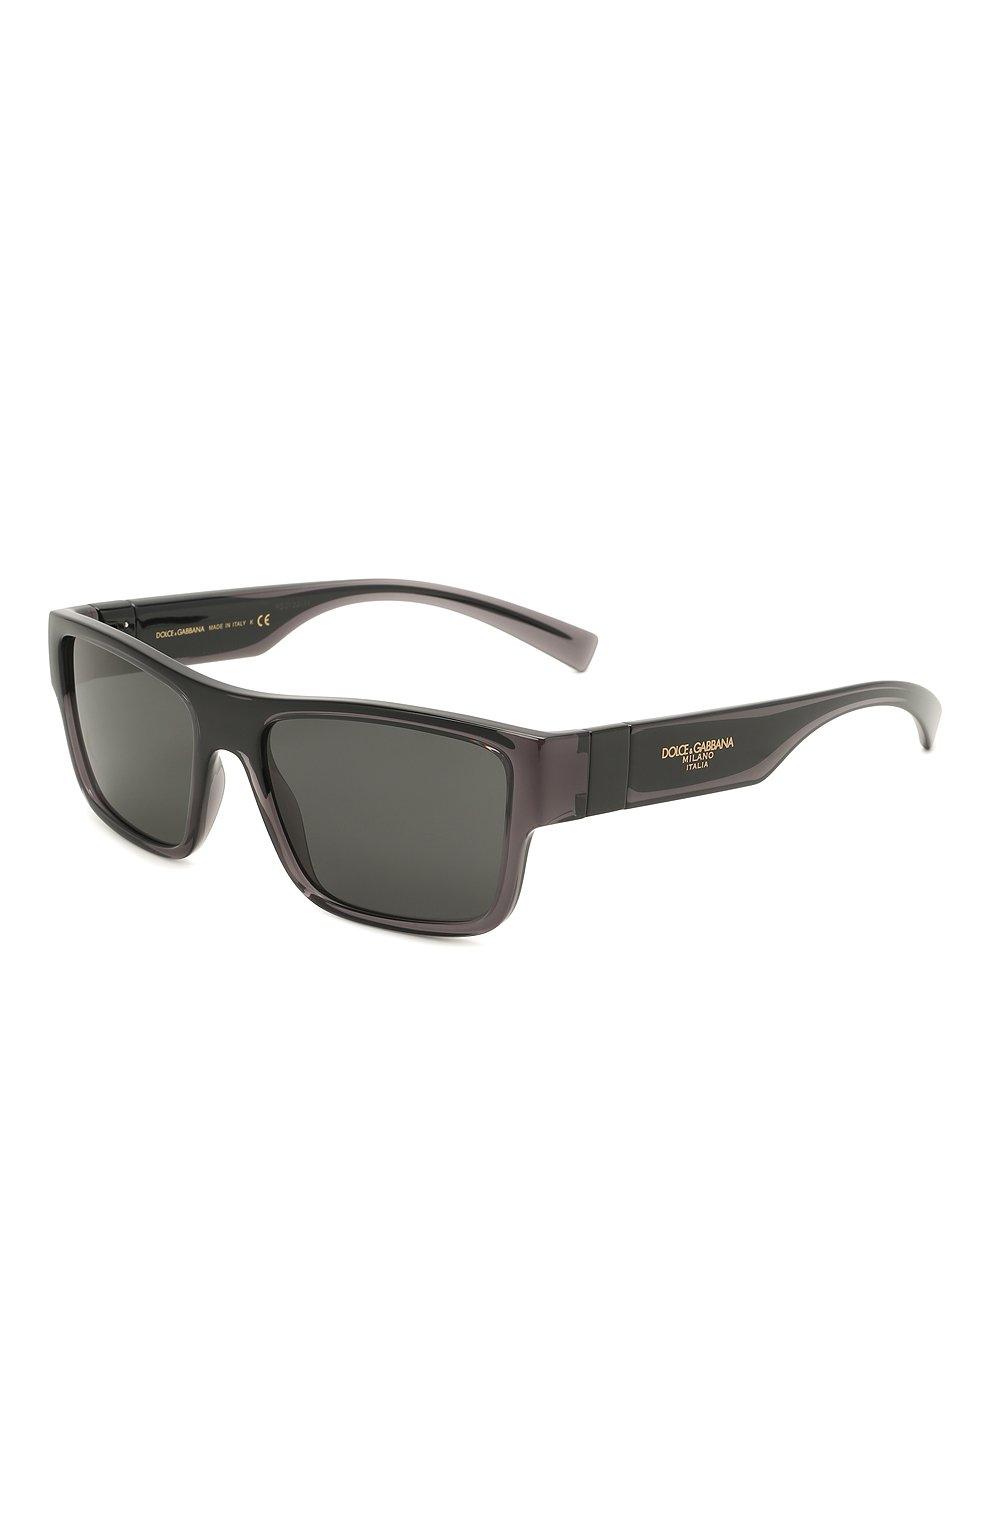 Мужские солнцезащитные очки DOLCE & GABBANA темно-серого цвета, арт. 6149-325787 | Фото 1 (Тип очков: С/з; Очки форма: Прямоугольные; Оптика Гендер: оптика-мужское)